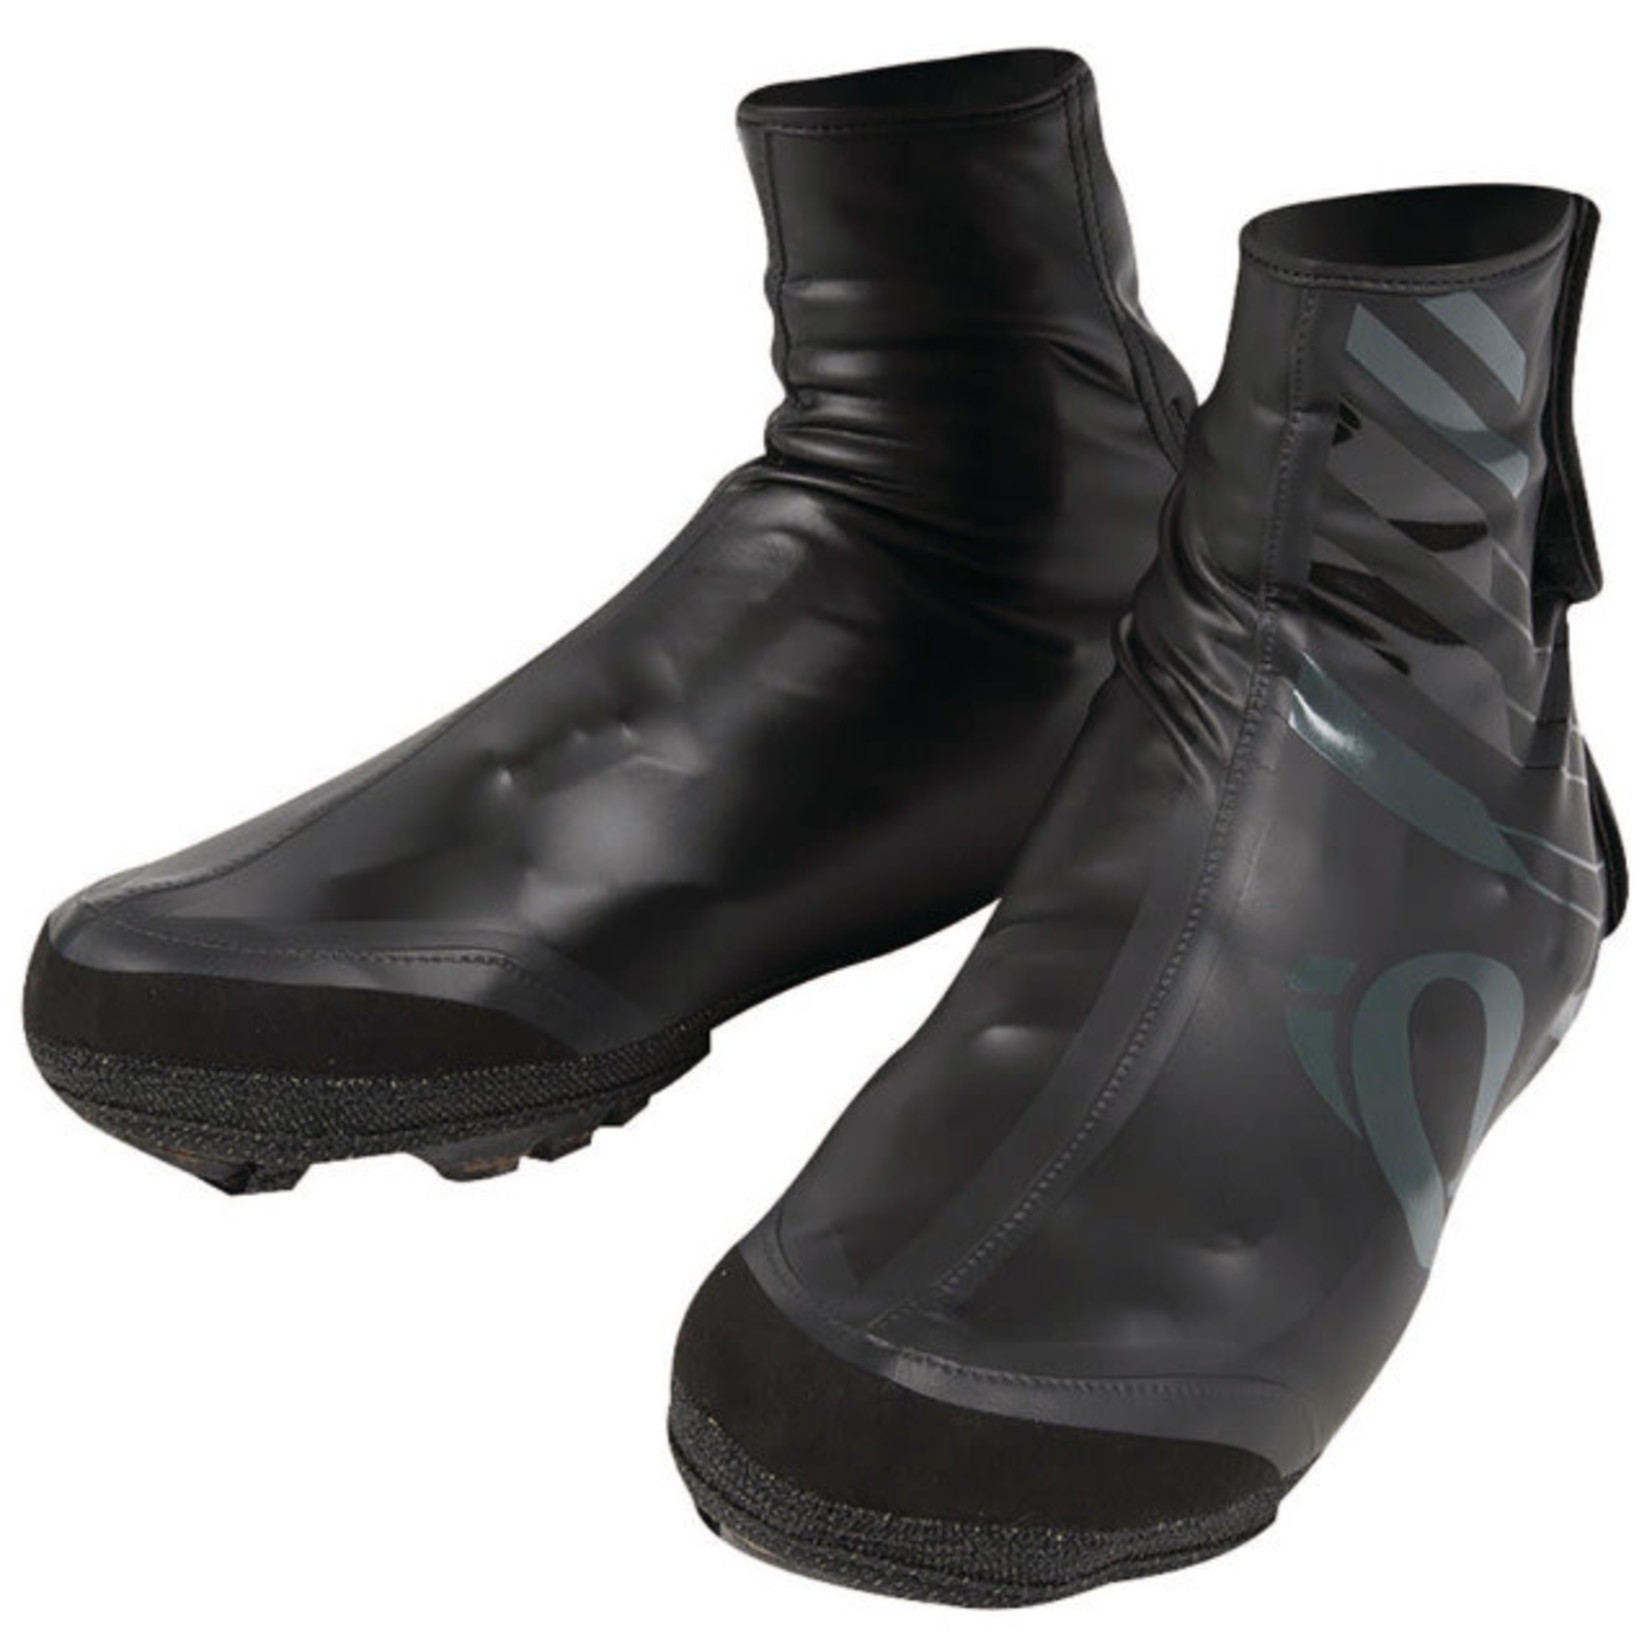 Pearl iZUMi PEARL iZUMi - copri scarpe PRO Barrier WxB - Black